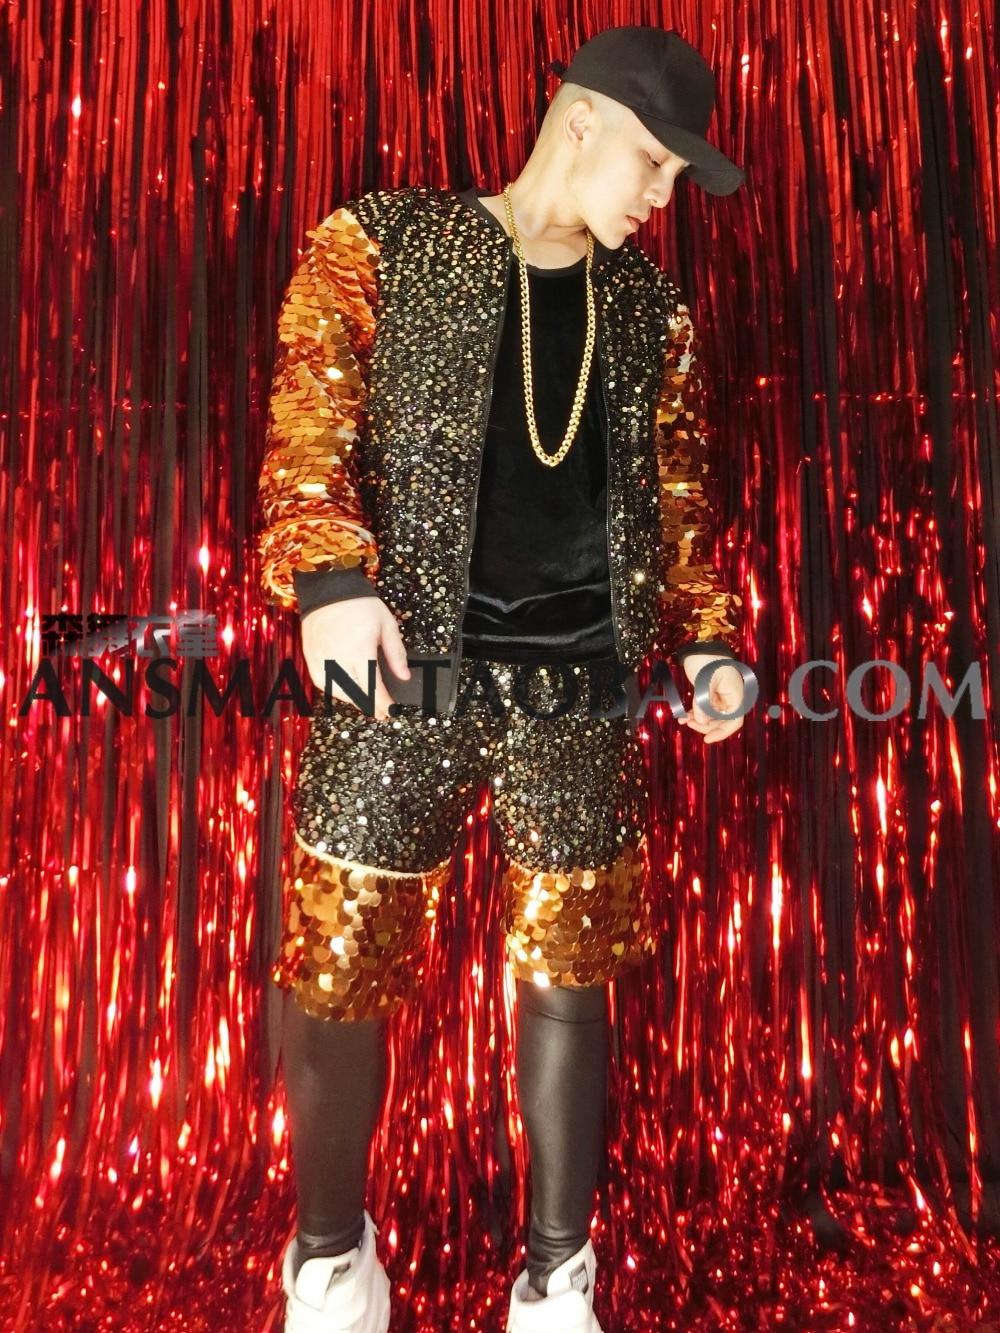 Homme noir or miroir écailles coloré veste manteau discothèque bar chanteur DJDS hip hop baseball uniforme costume Masculino